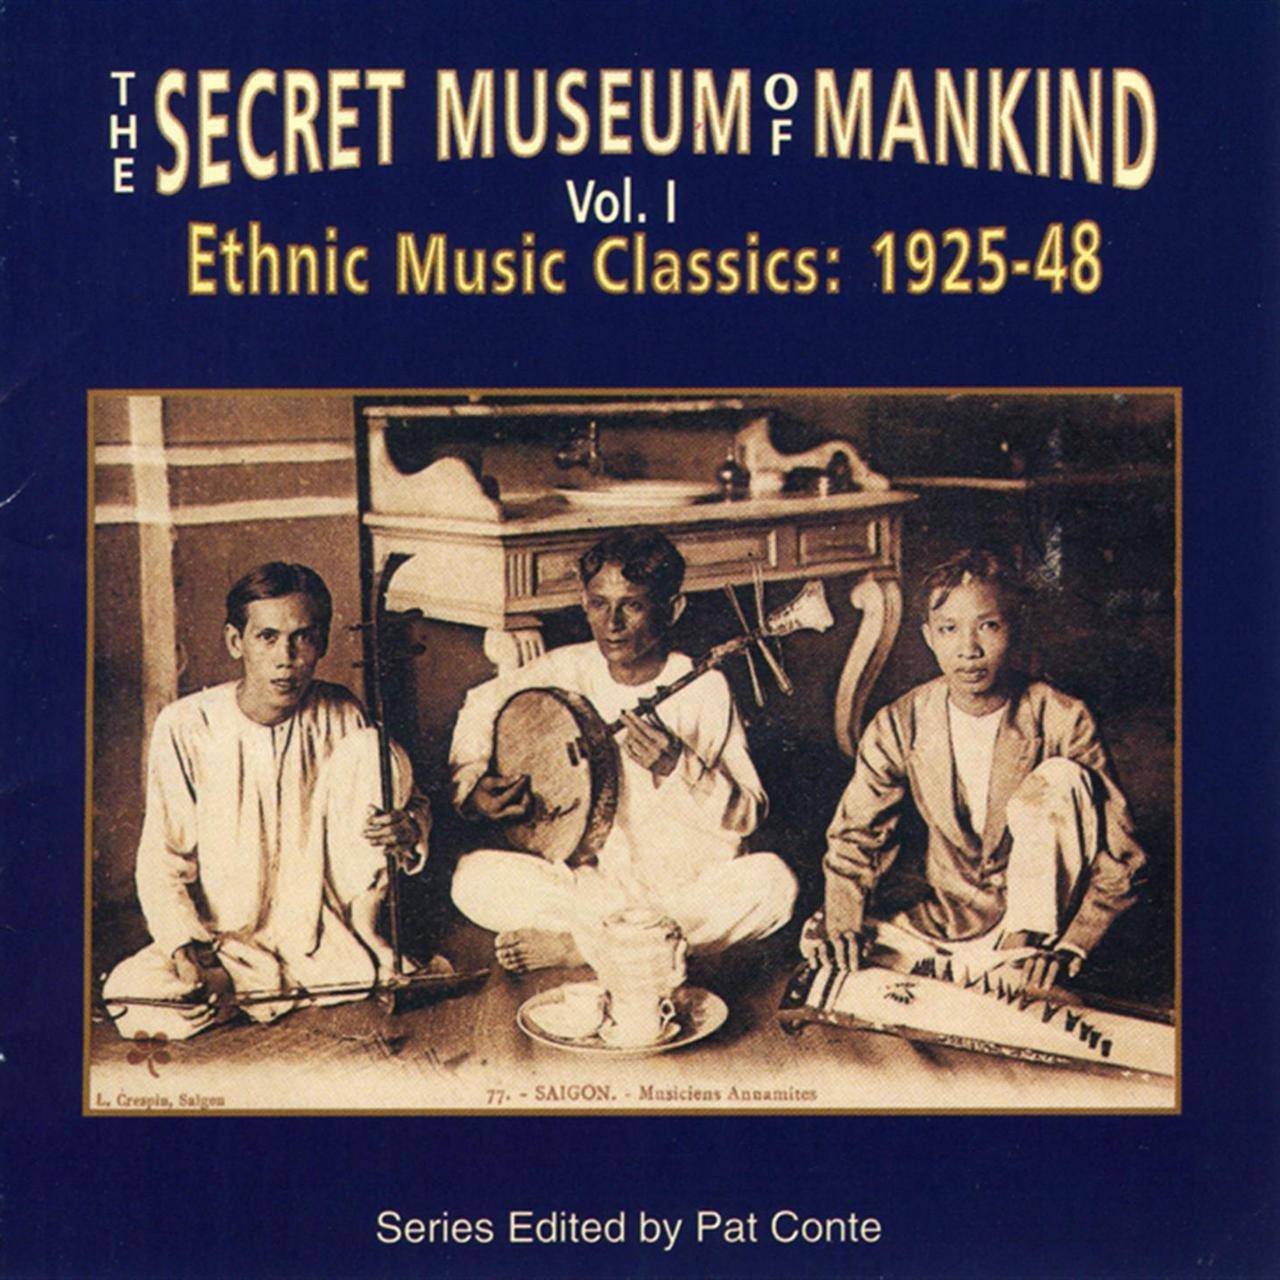 Secret Museum of Mankind series